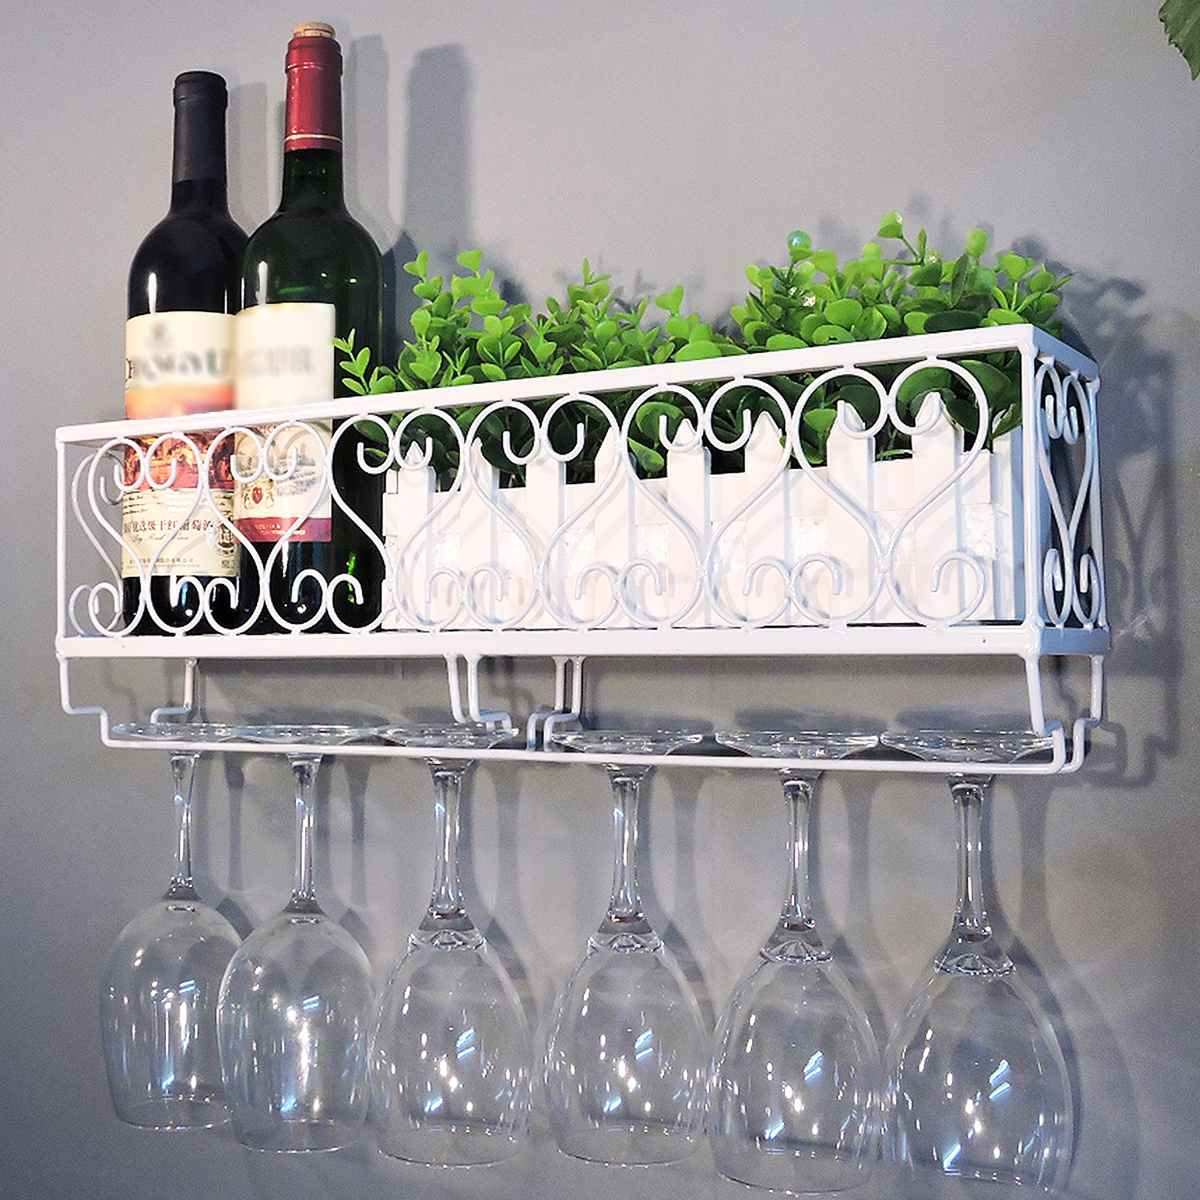 رف زجاجات بقاعدة معدنية ، رف تخزين معلق على الحائط لتخزين الأواني الزجاجية ، ديكور مطبخ منزلي